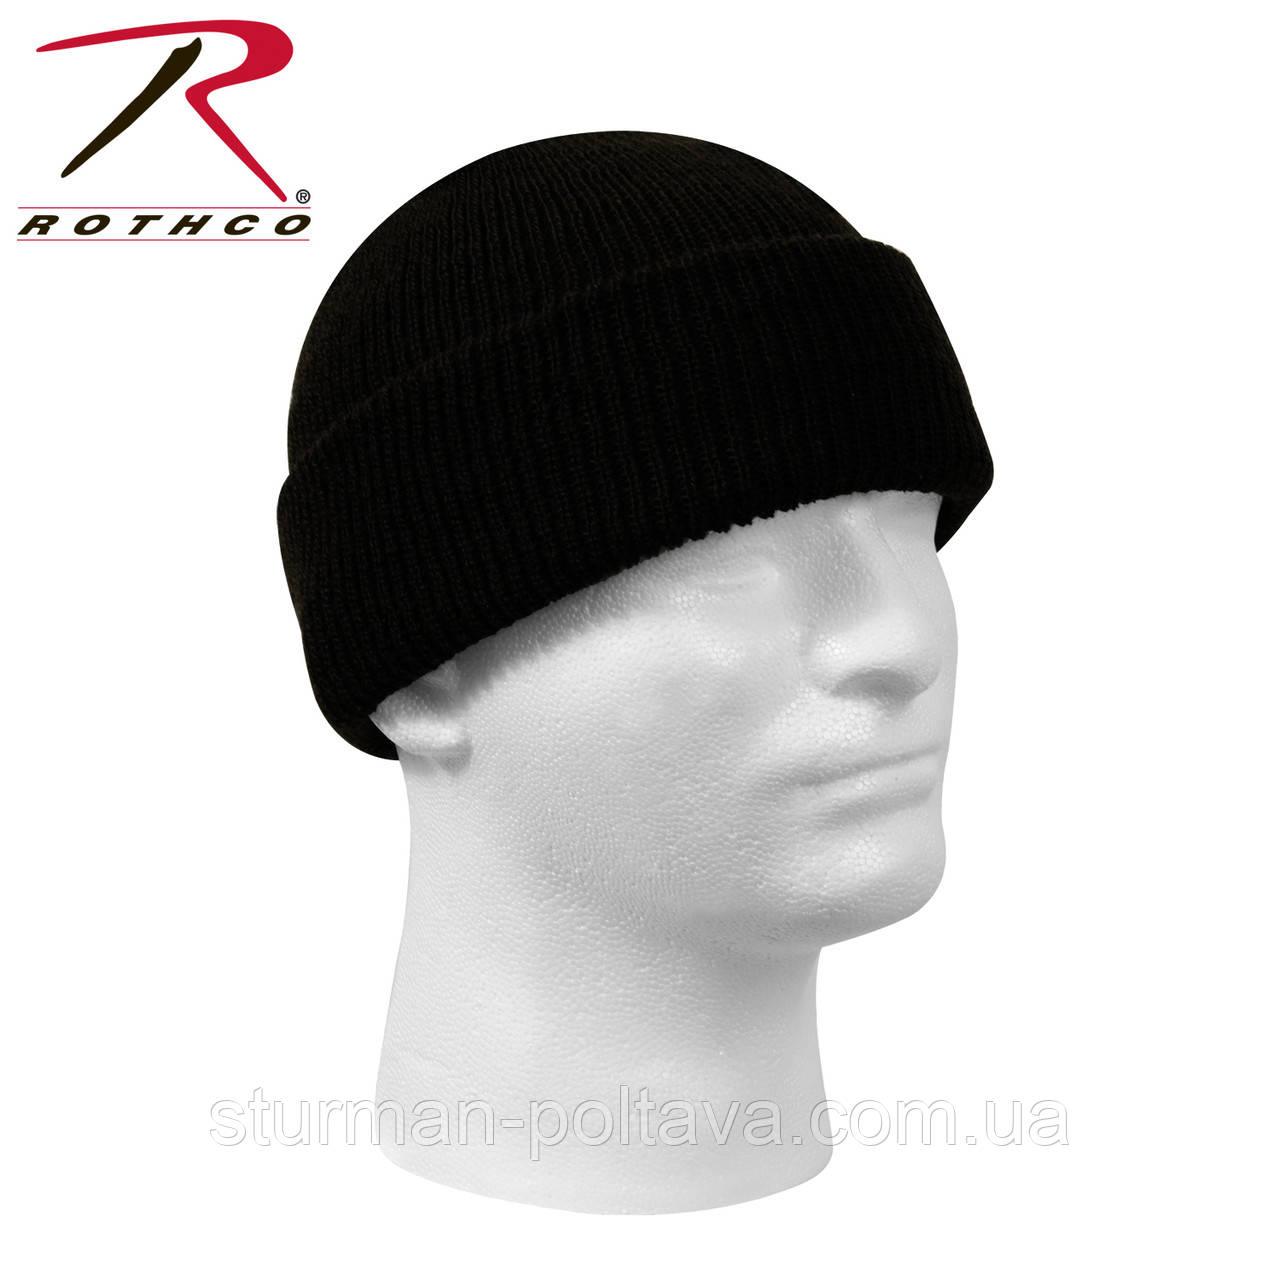 Шапка чоловіча вовняна зимова Wool Watch Cap 100% вовна колір чорний ROTCHO США